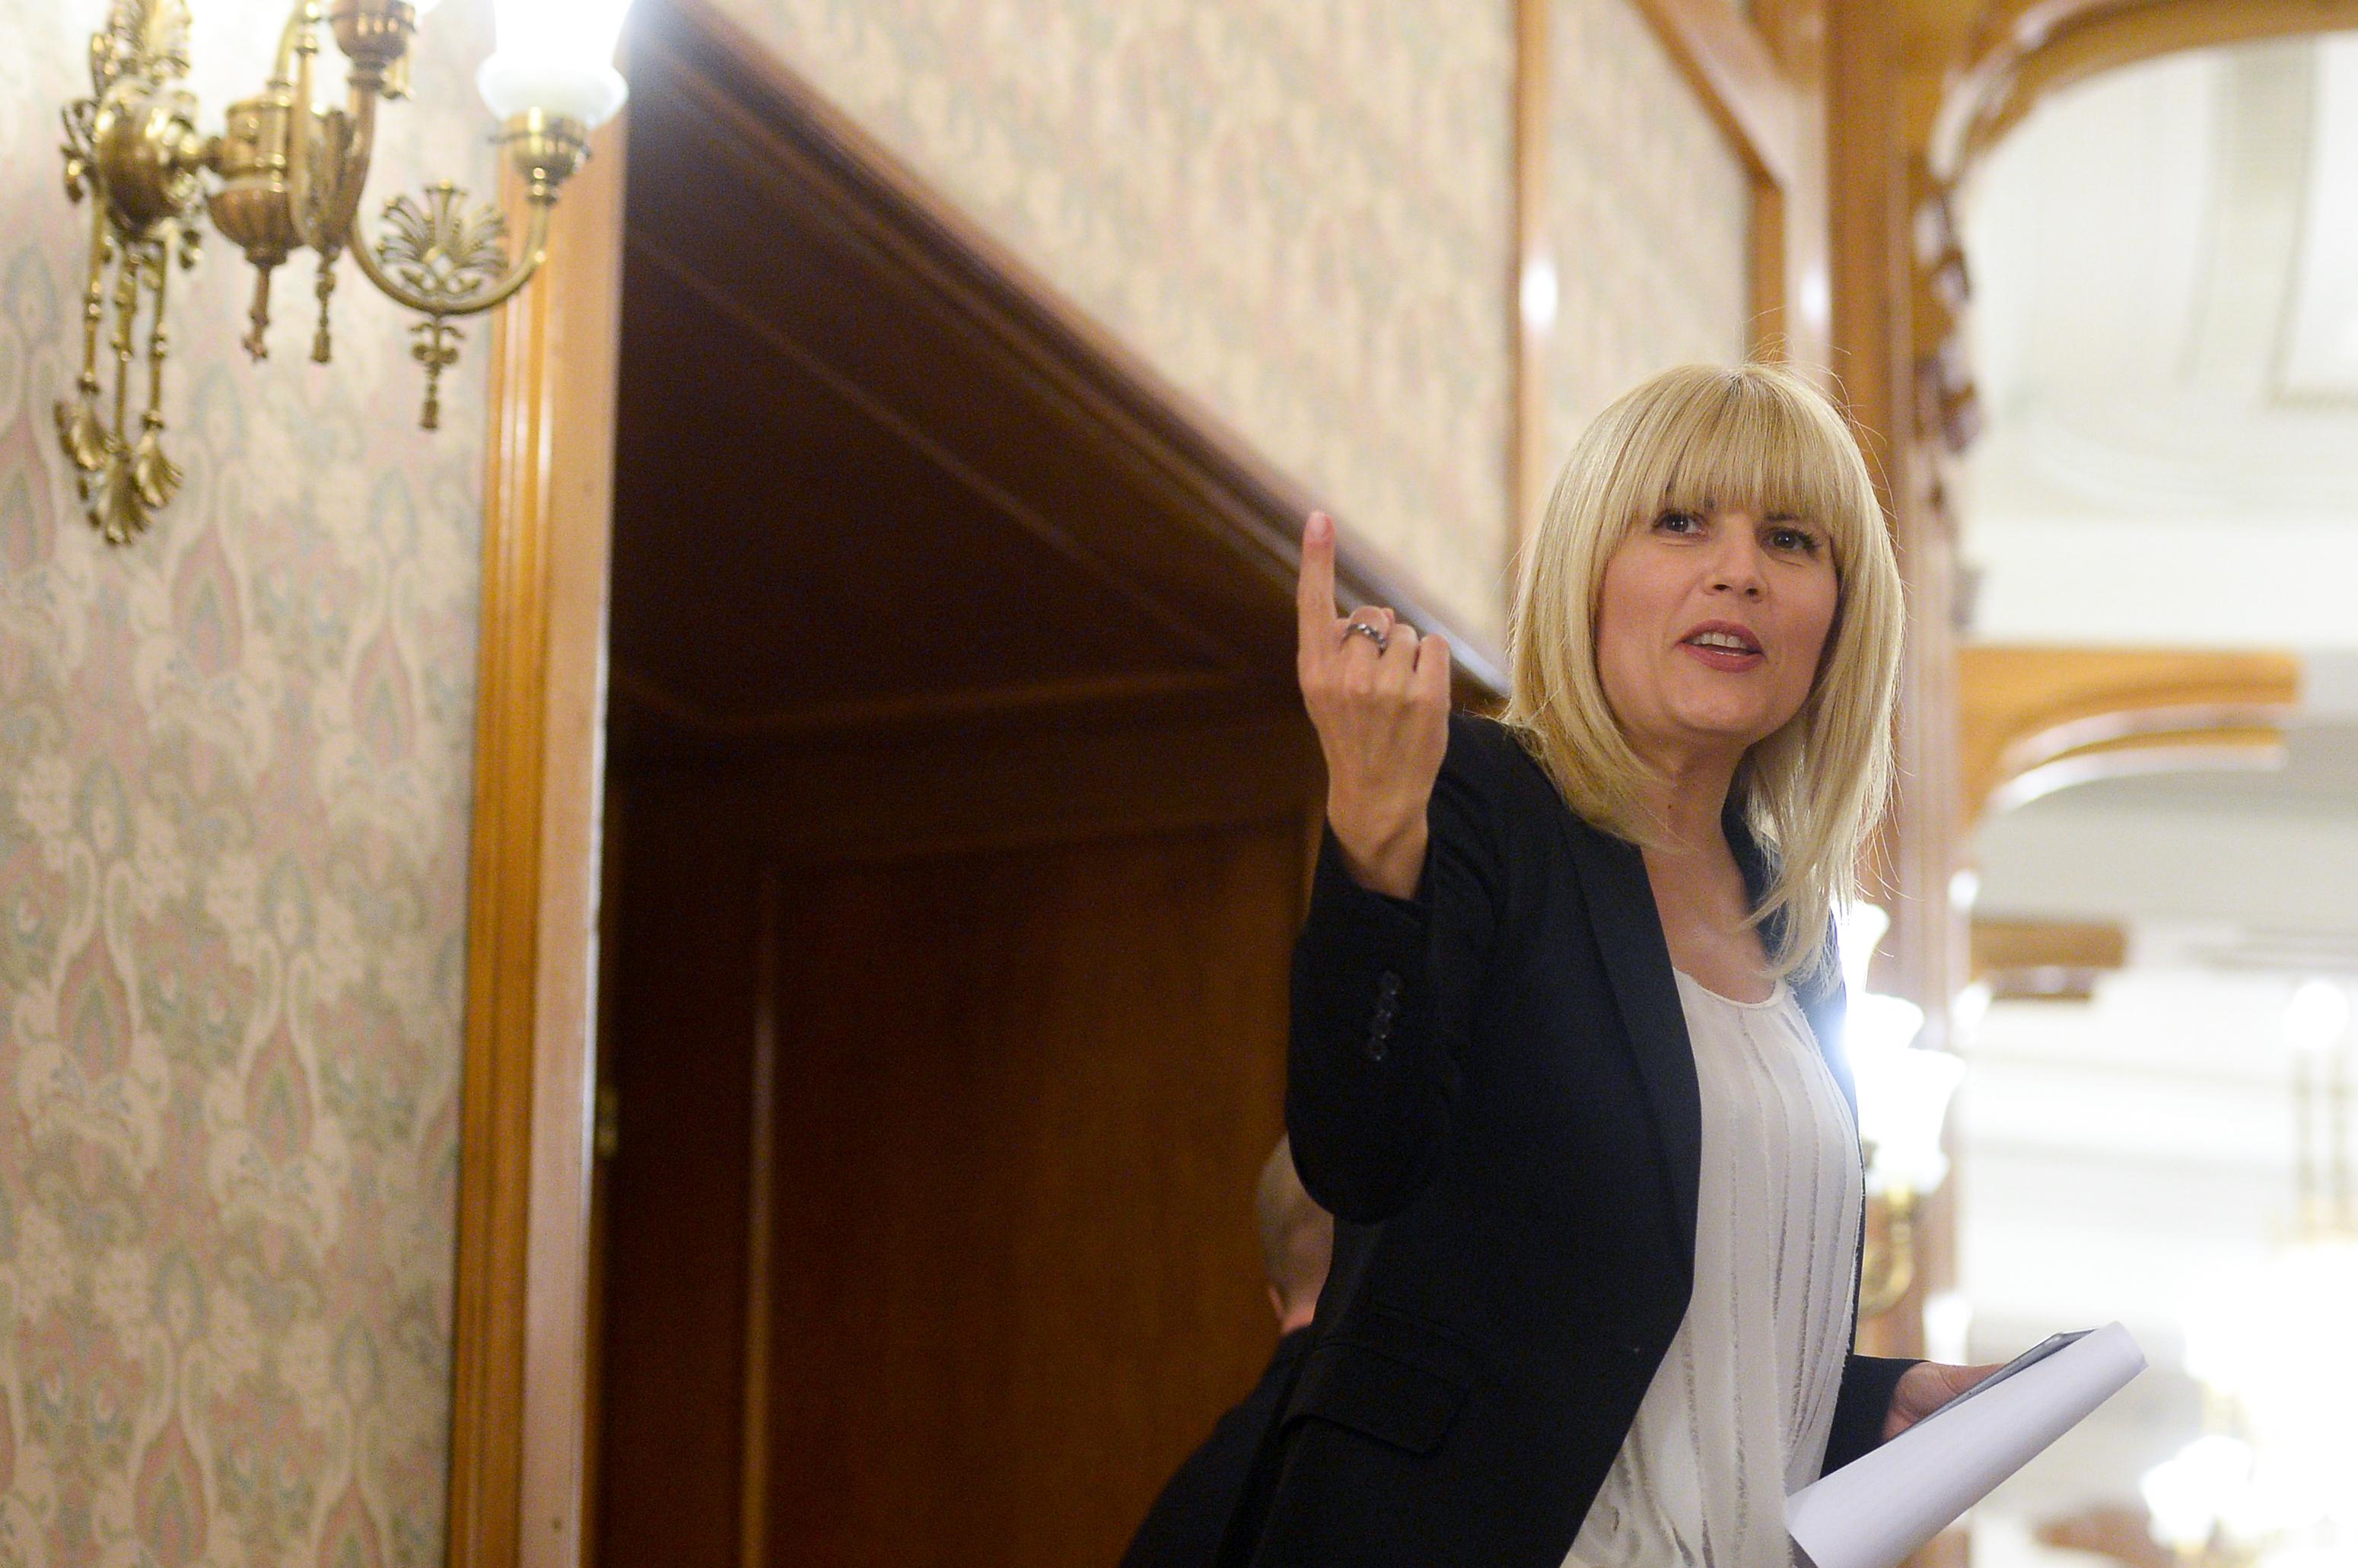 Din arest, Elena Udrea are un mesaj pentru SRI. ,,A fost o eroare uriasa